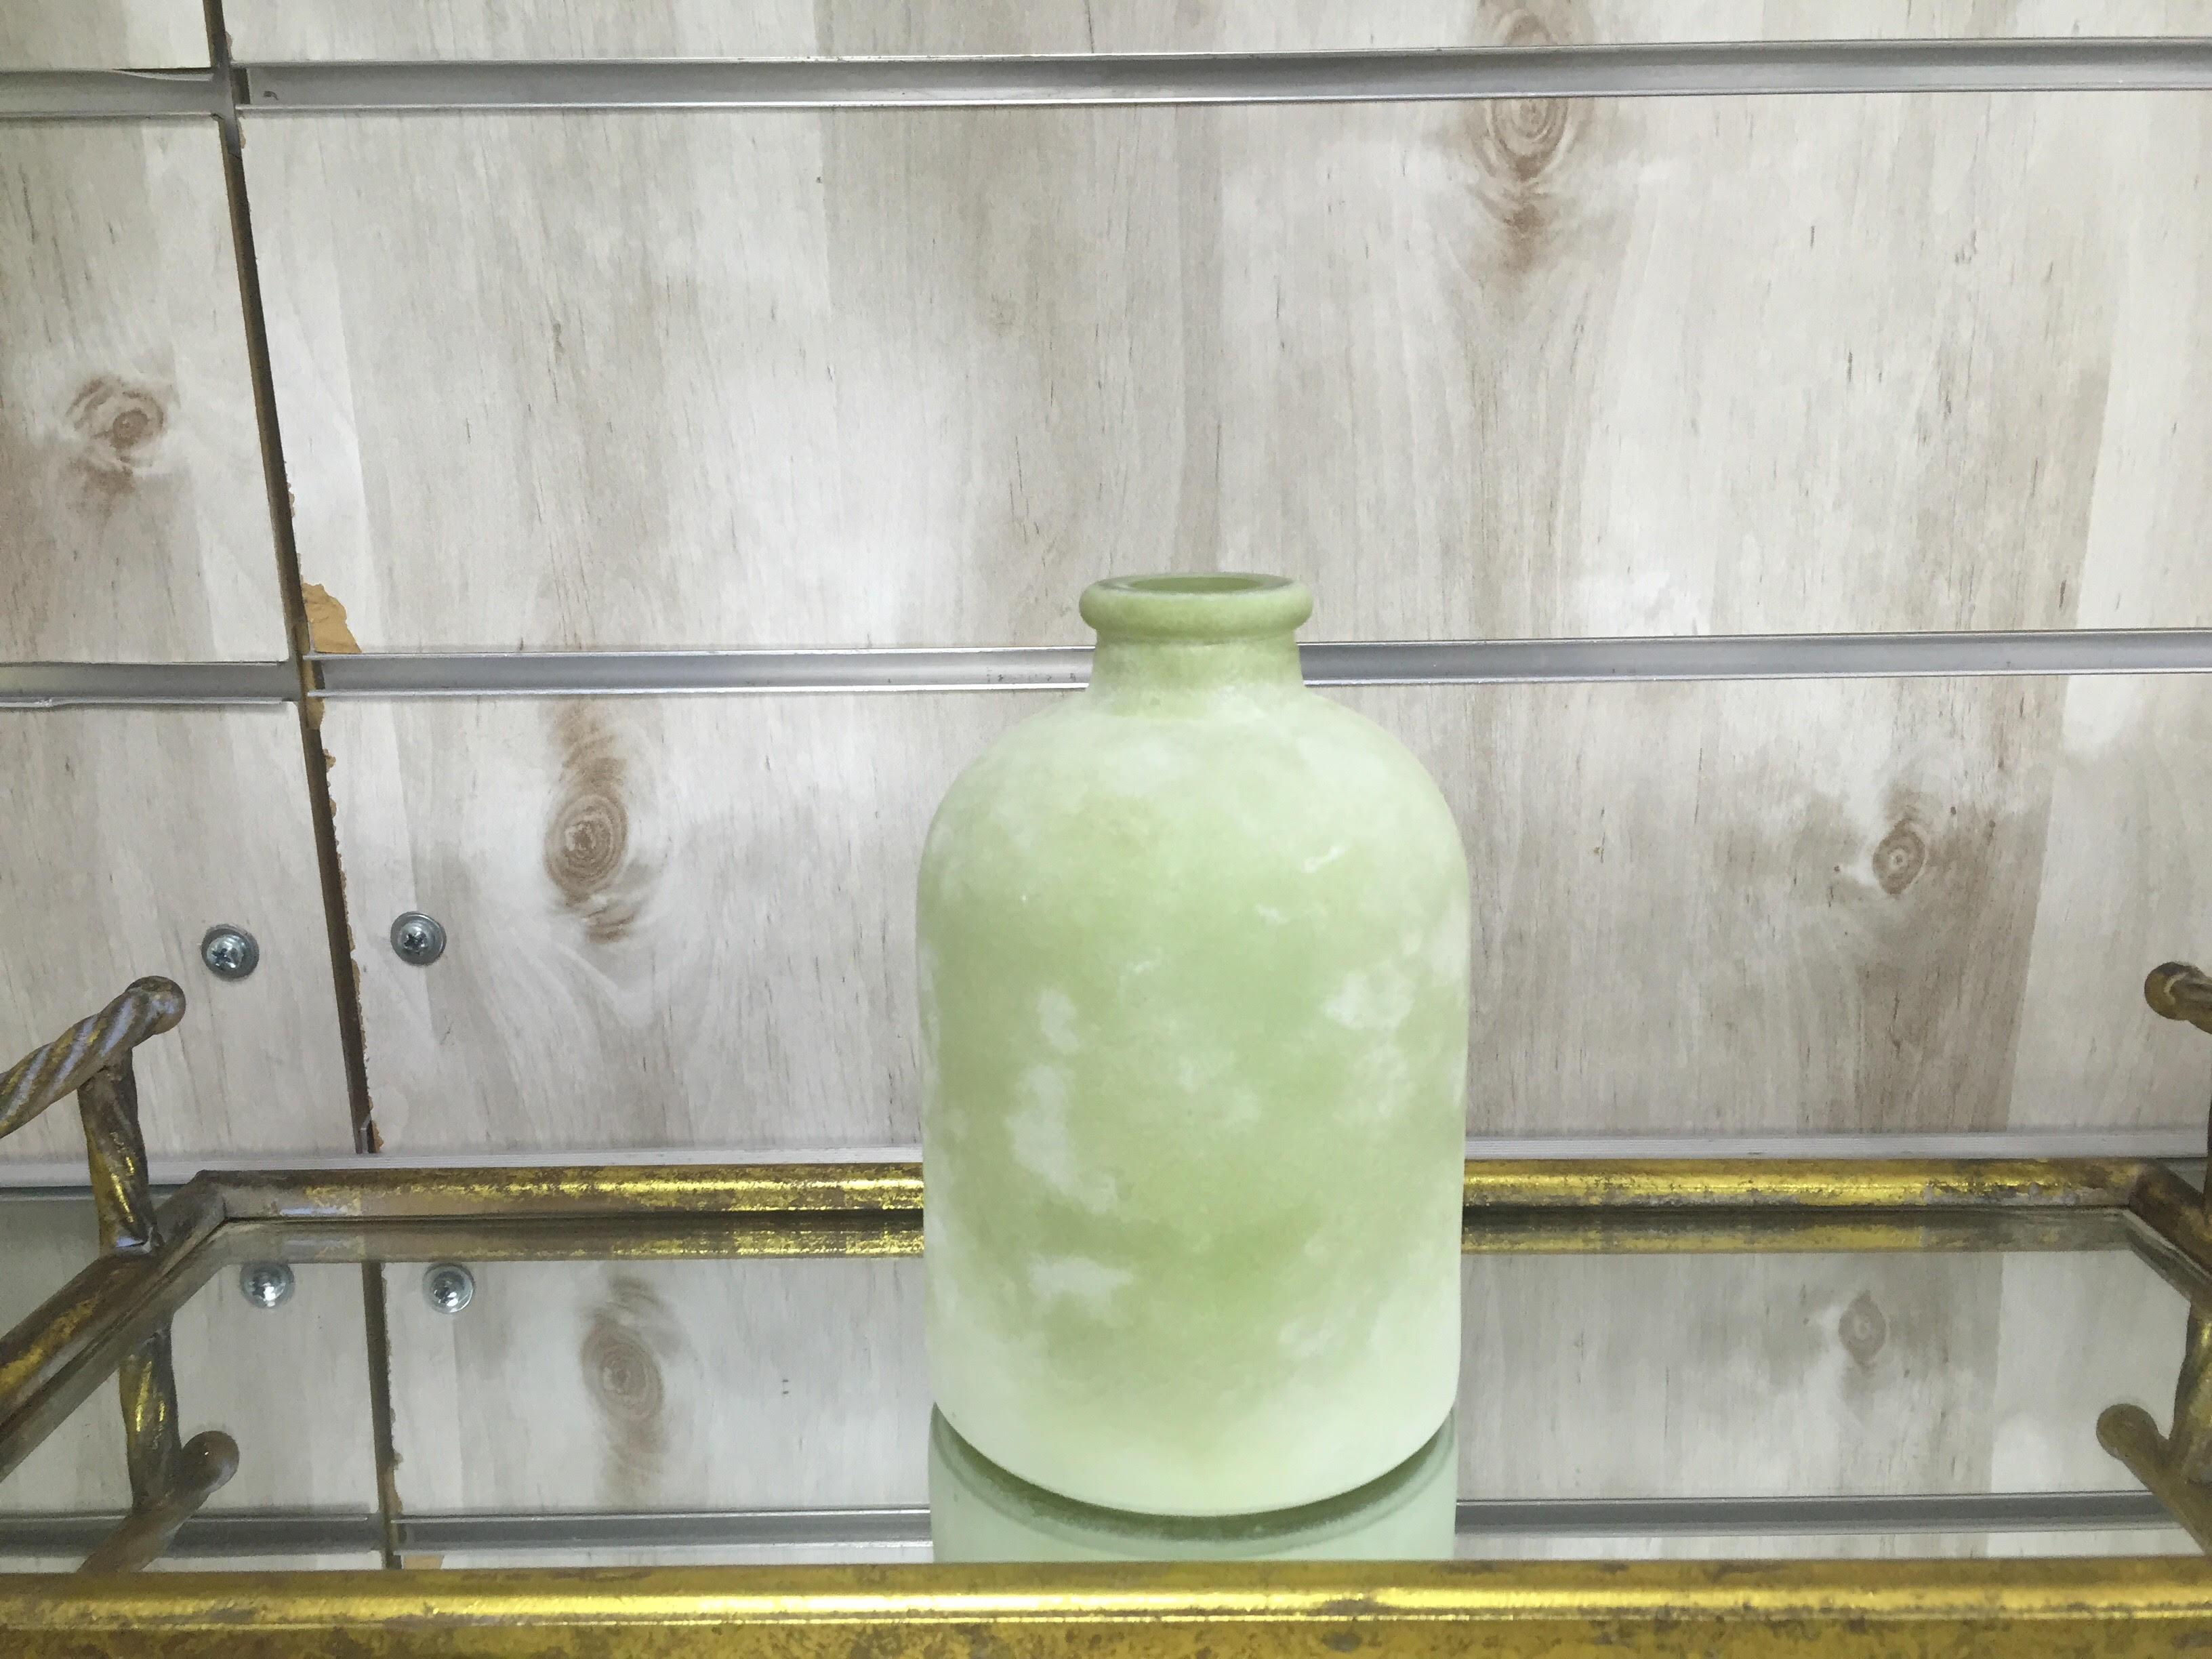 בקבוק ירוק מט 18 סמ